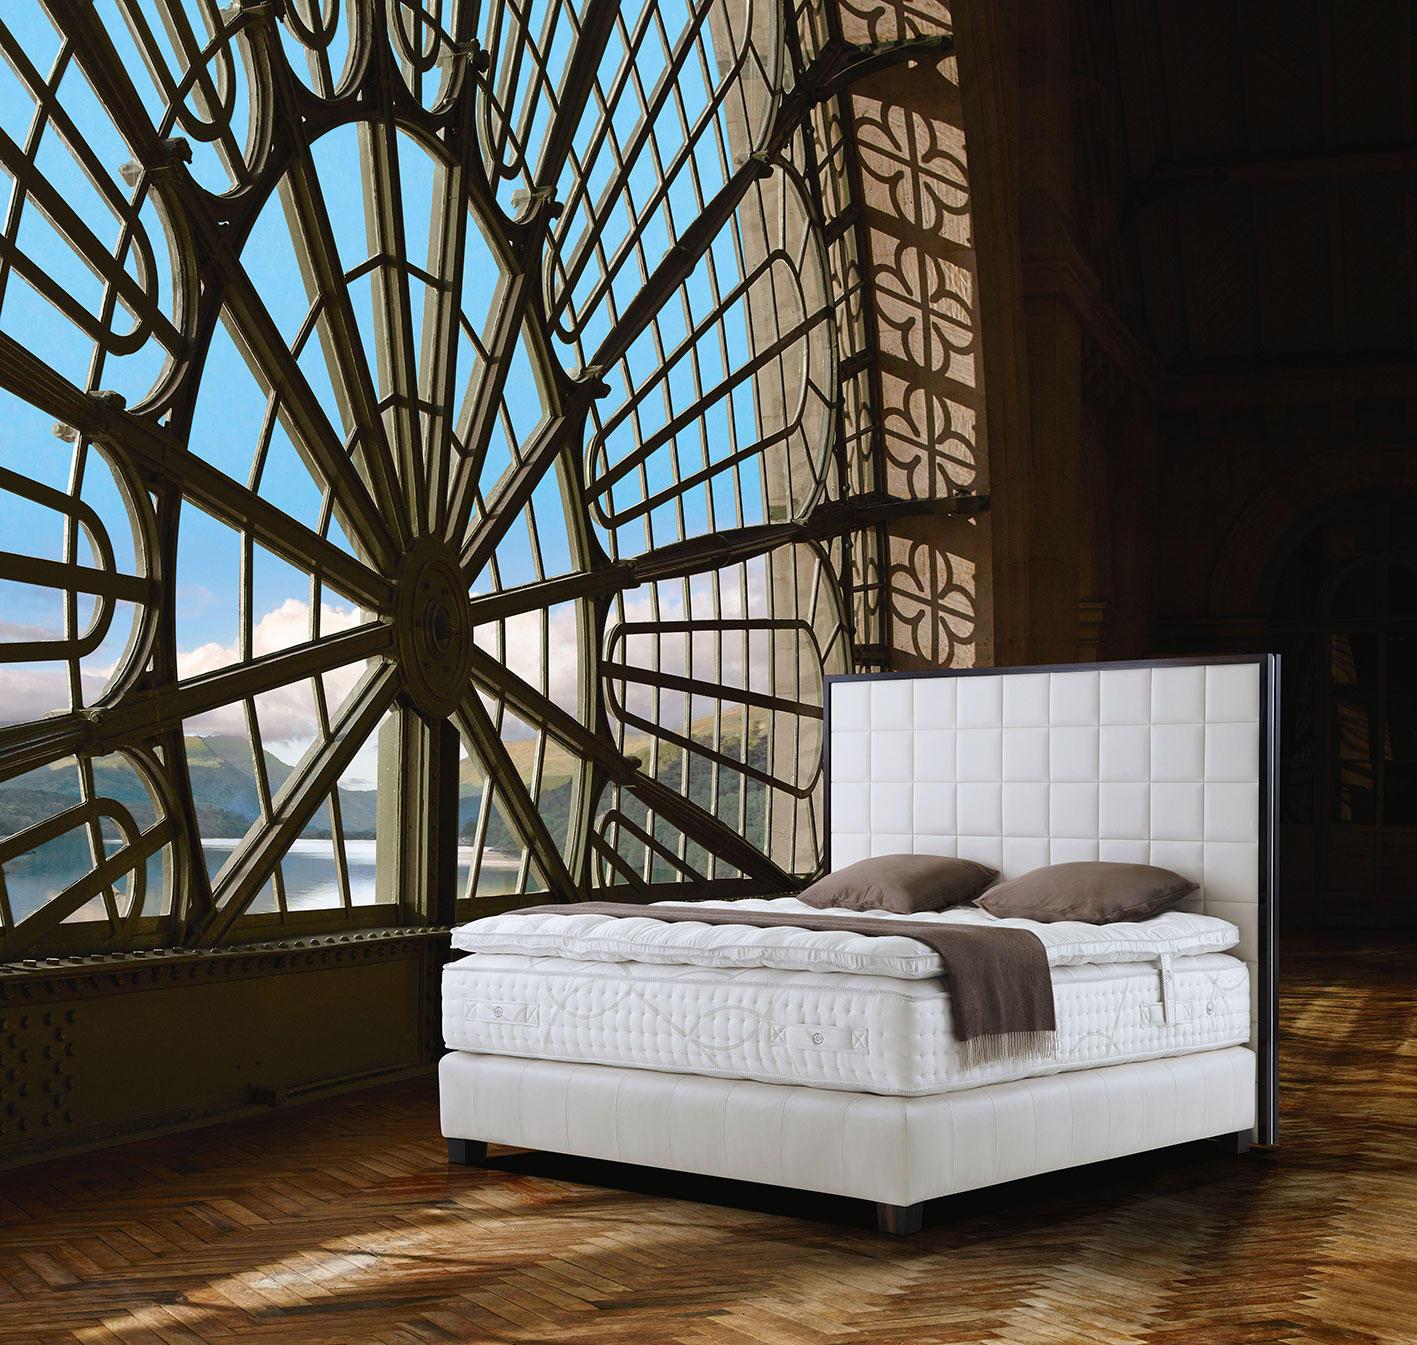 schlafsystem kollektion orient express kopfteil 2020. Black Bedroom Furniture Sets. Home Design Ideas